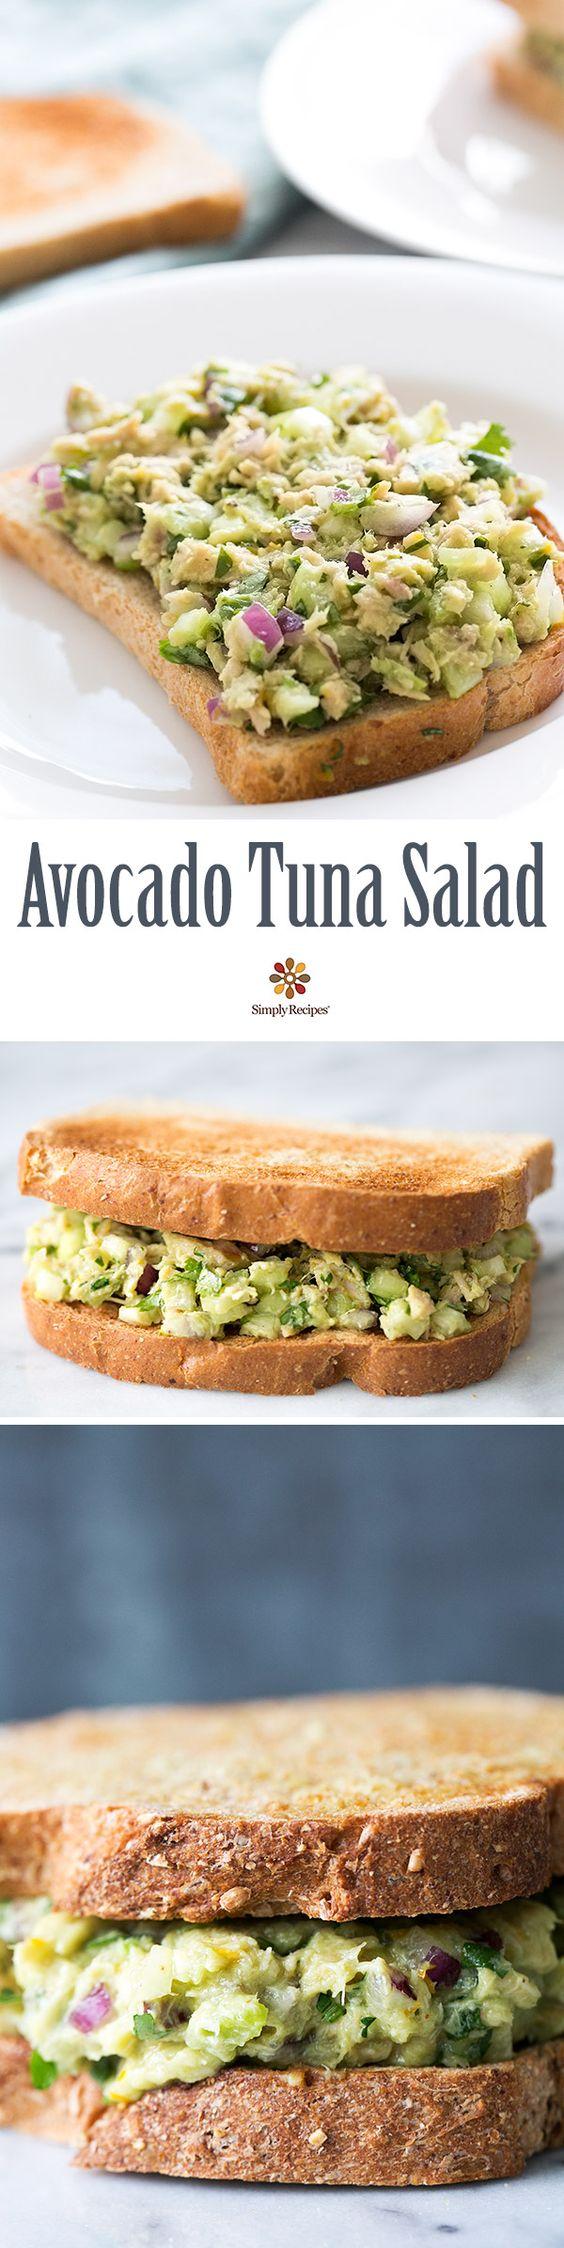 Avocado tuna salad healthy and easy avocado tuna salad for Recipes for tuna fish